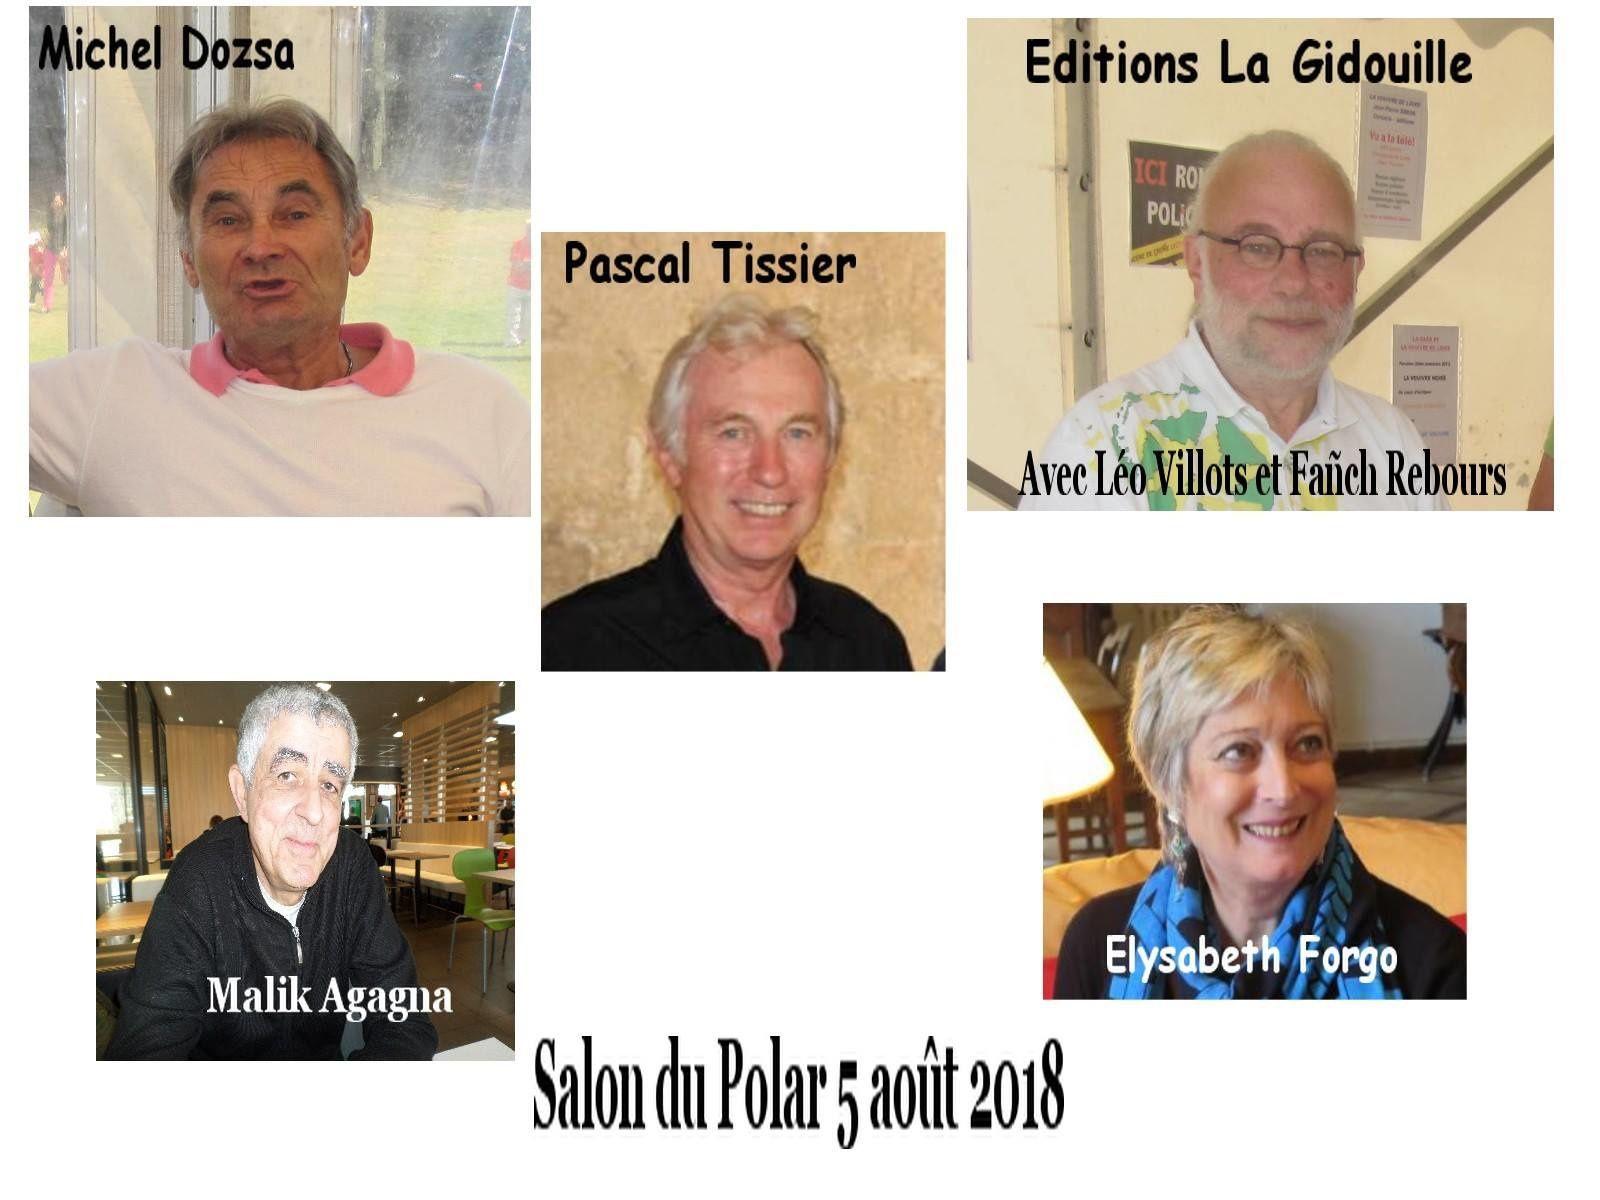 À Sable d'or les Pins, festival polars bretons, le 5 août